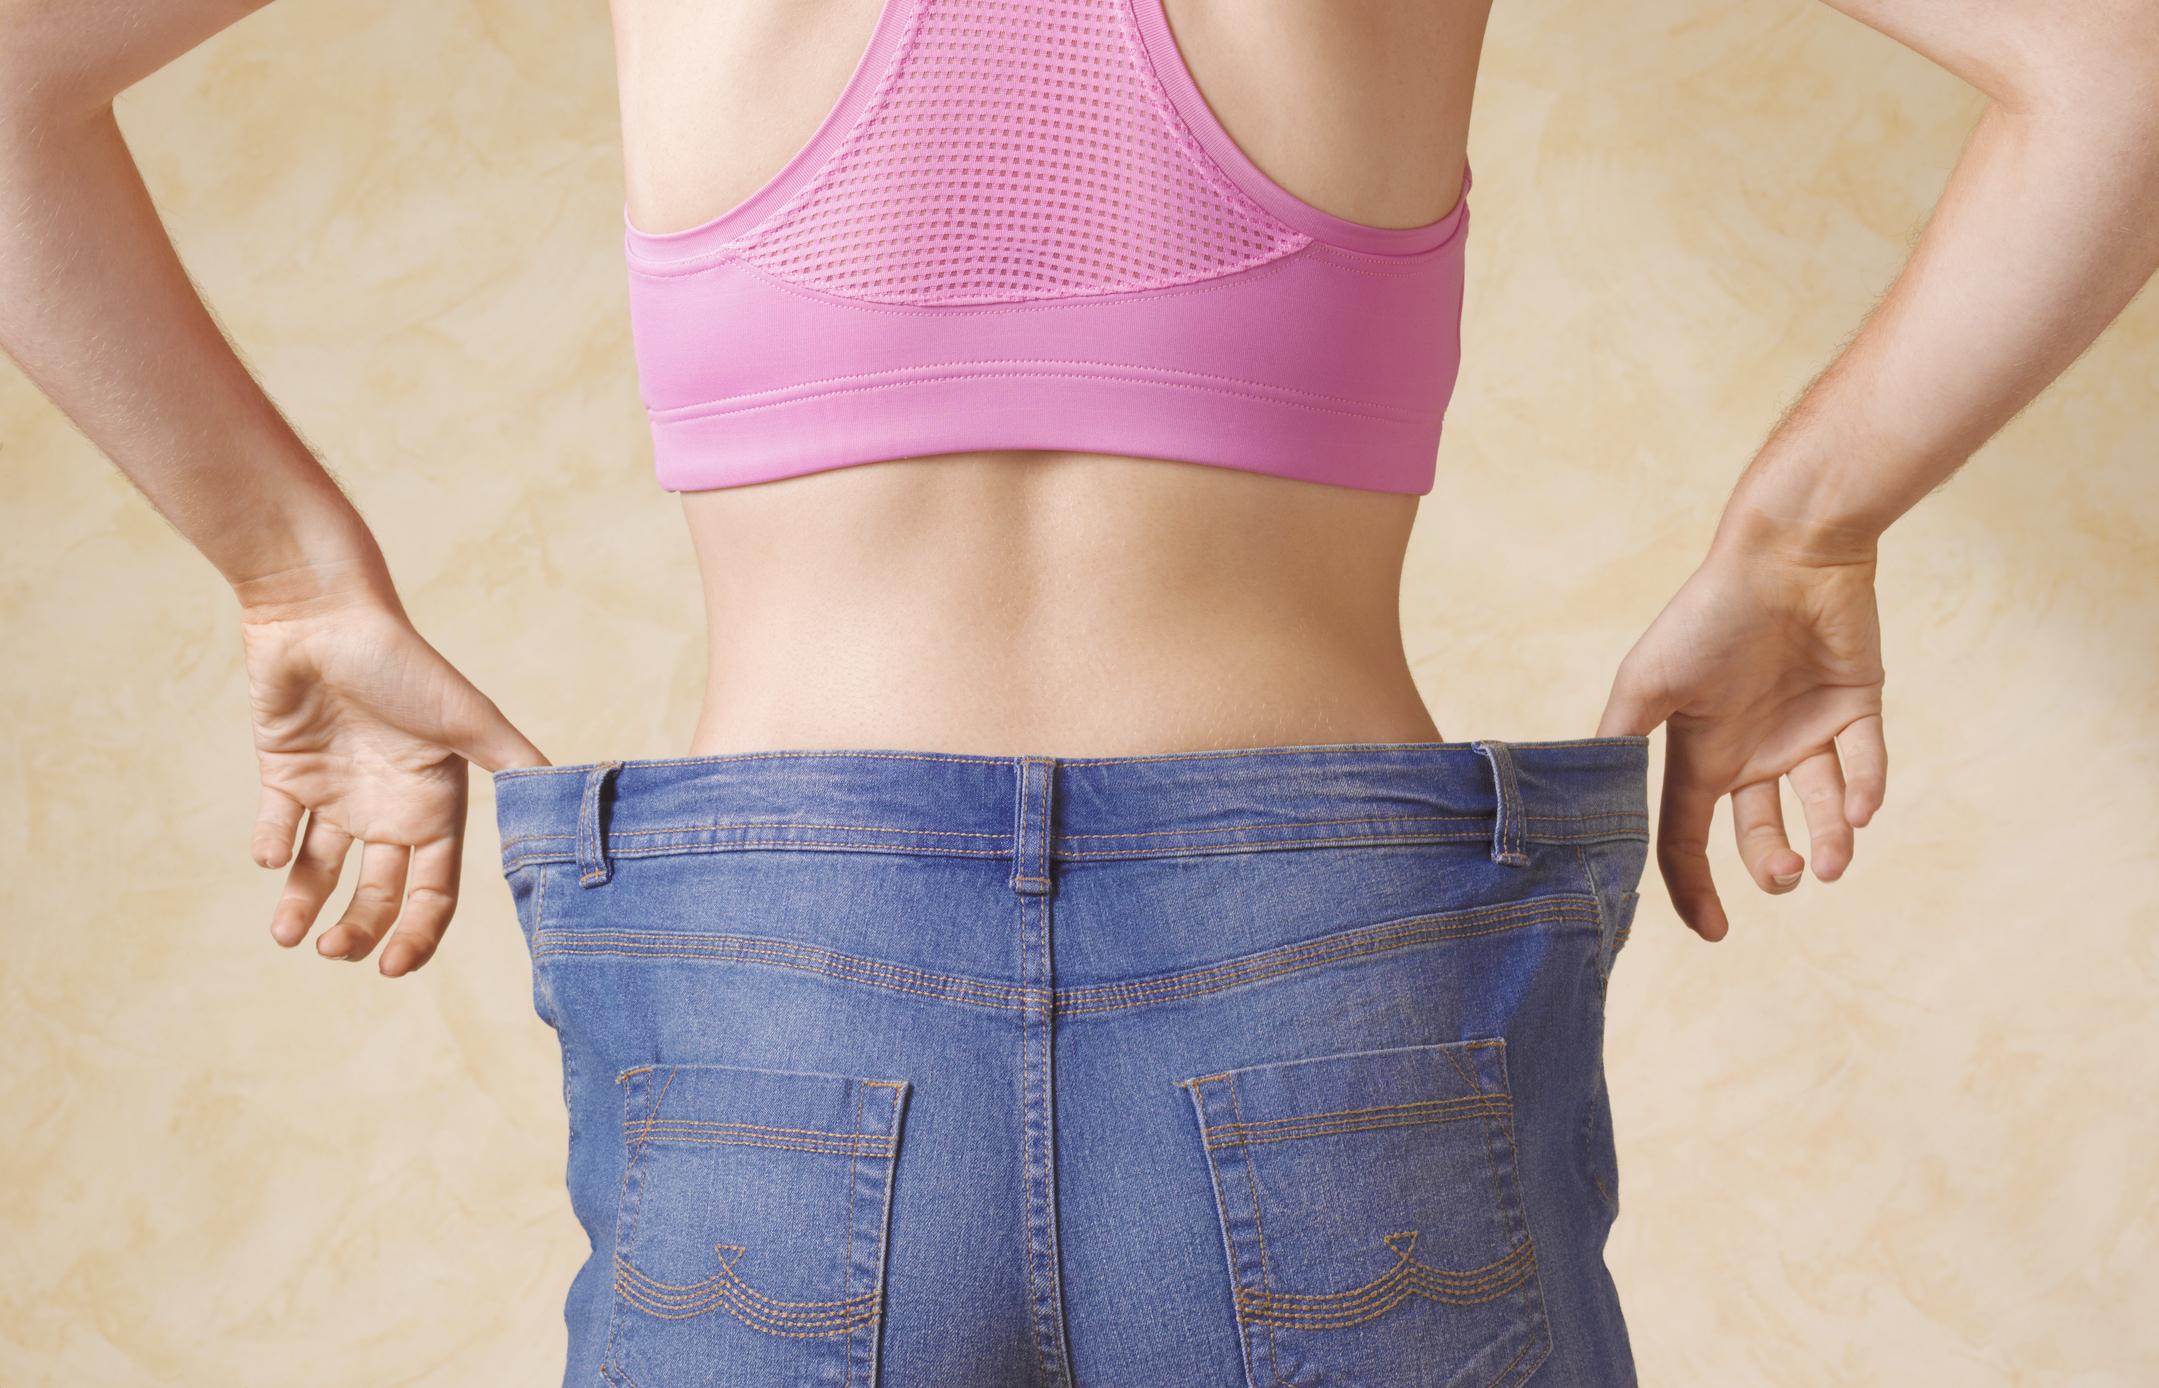 Zsírégetés hatékonyan 45 perc alatt | Zsírégetés, Zsírégető gyakorlatok, Otthoni edzés